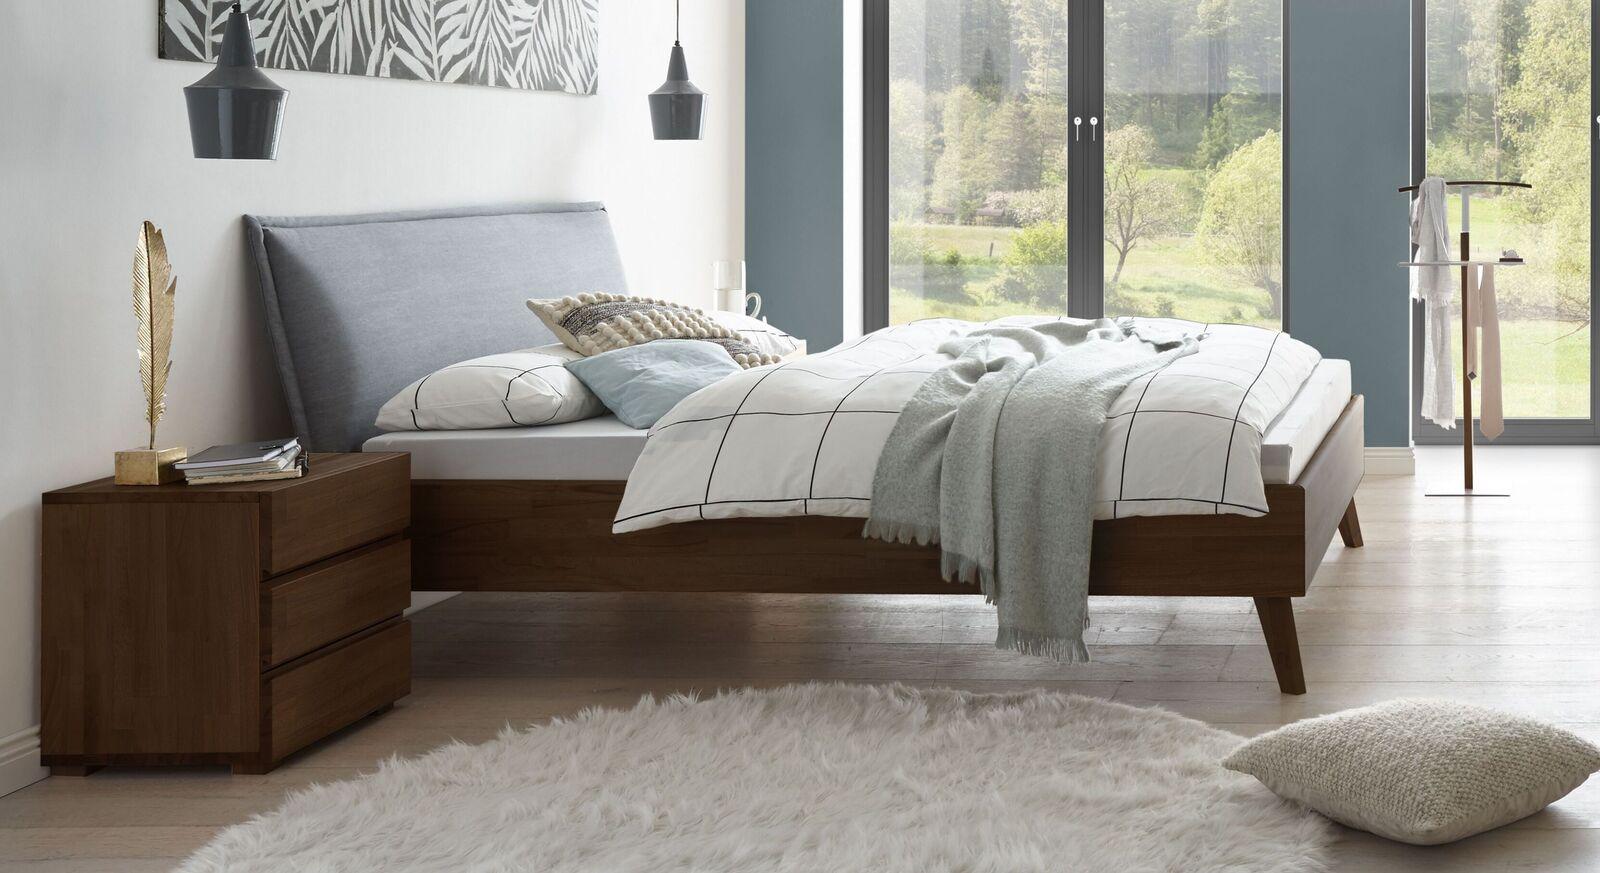 Wengefarbenes Bett Soprenia inklusive Kopfteil